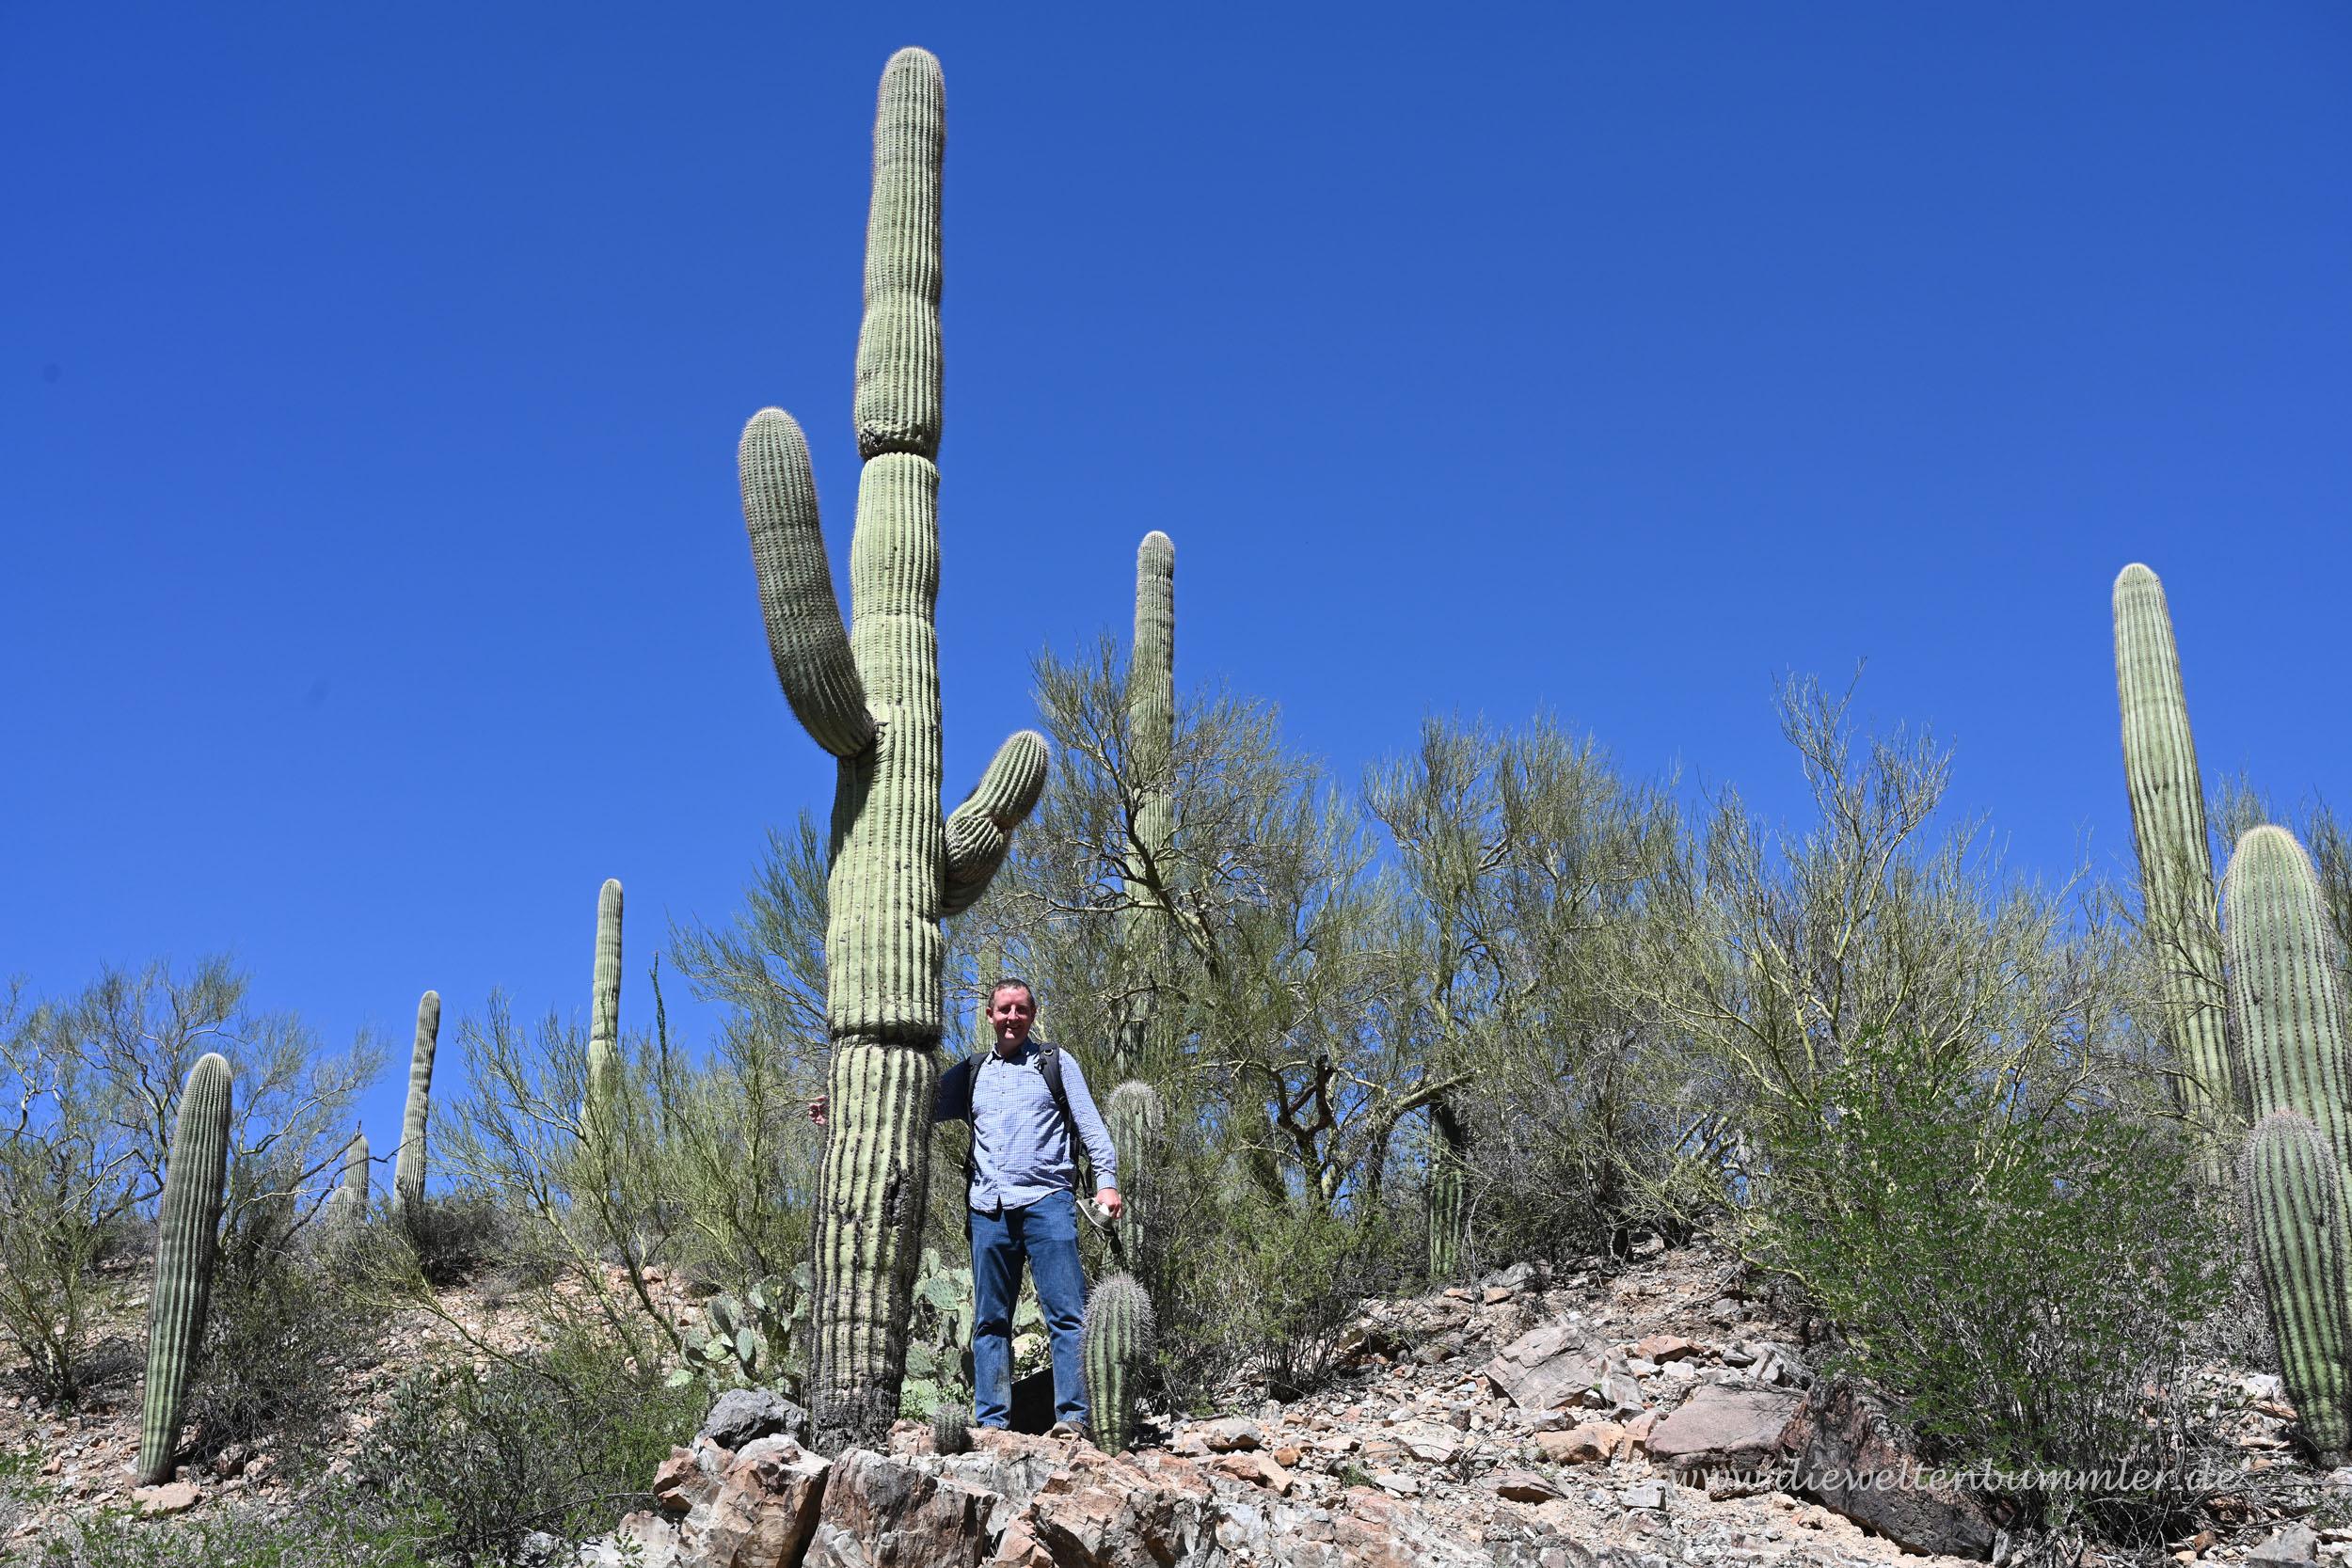 Michael Moll mit Saguaro-Kaktus